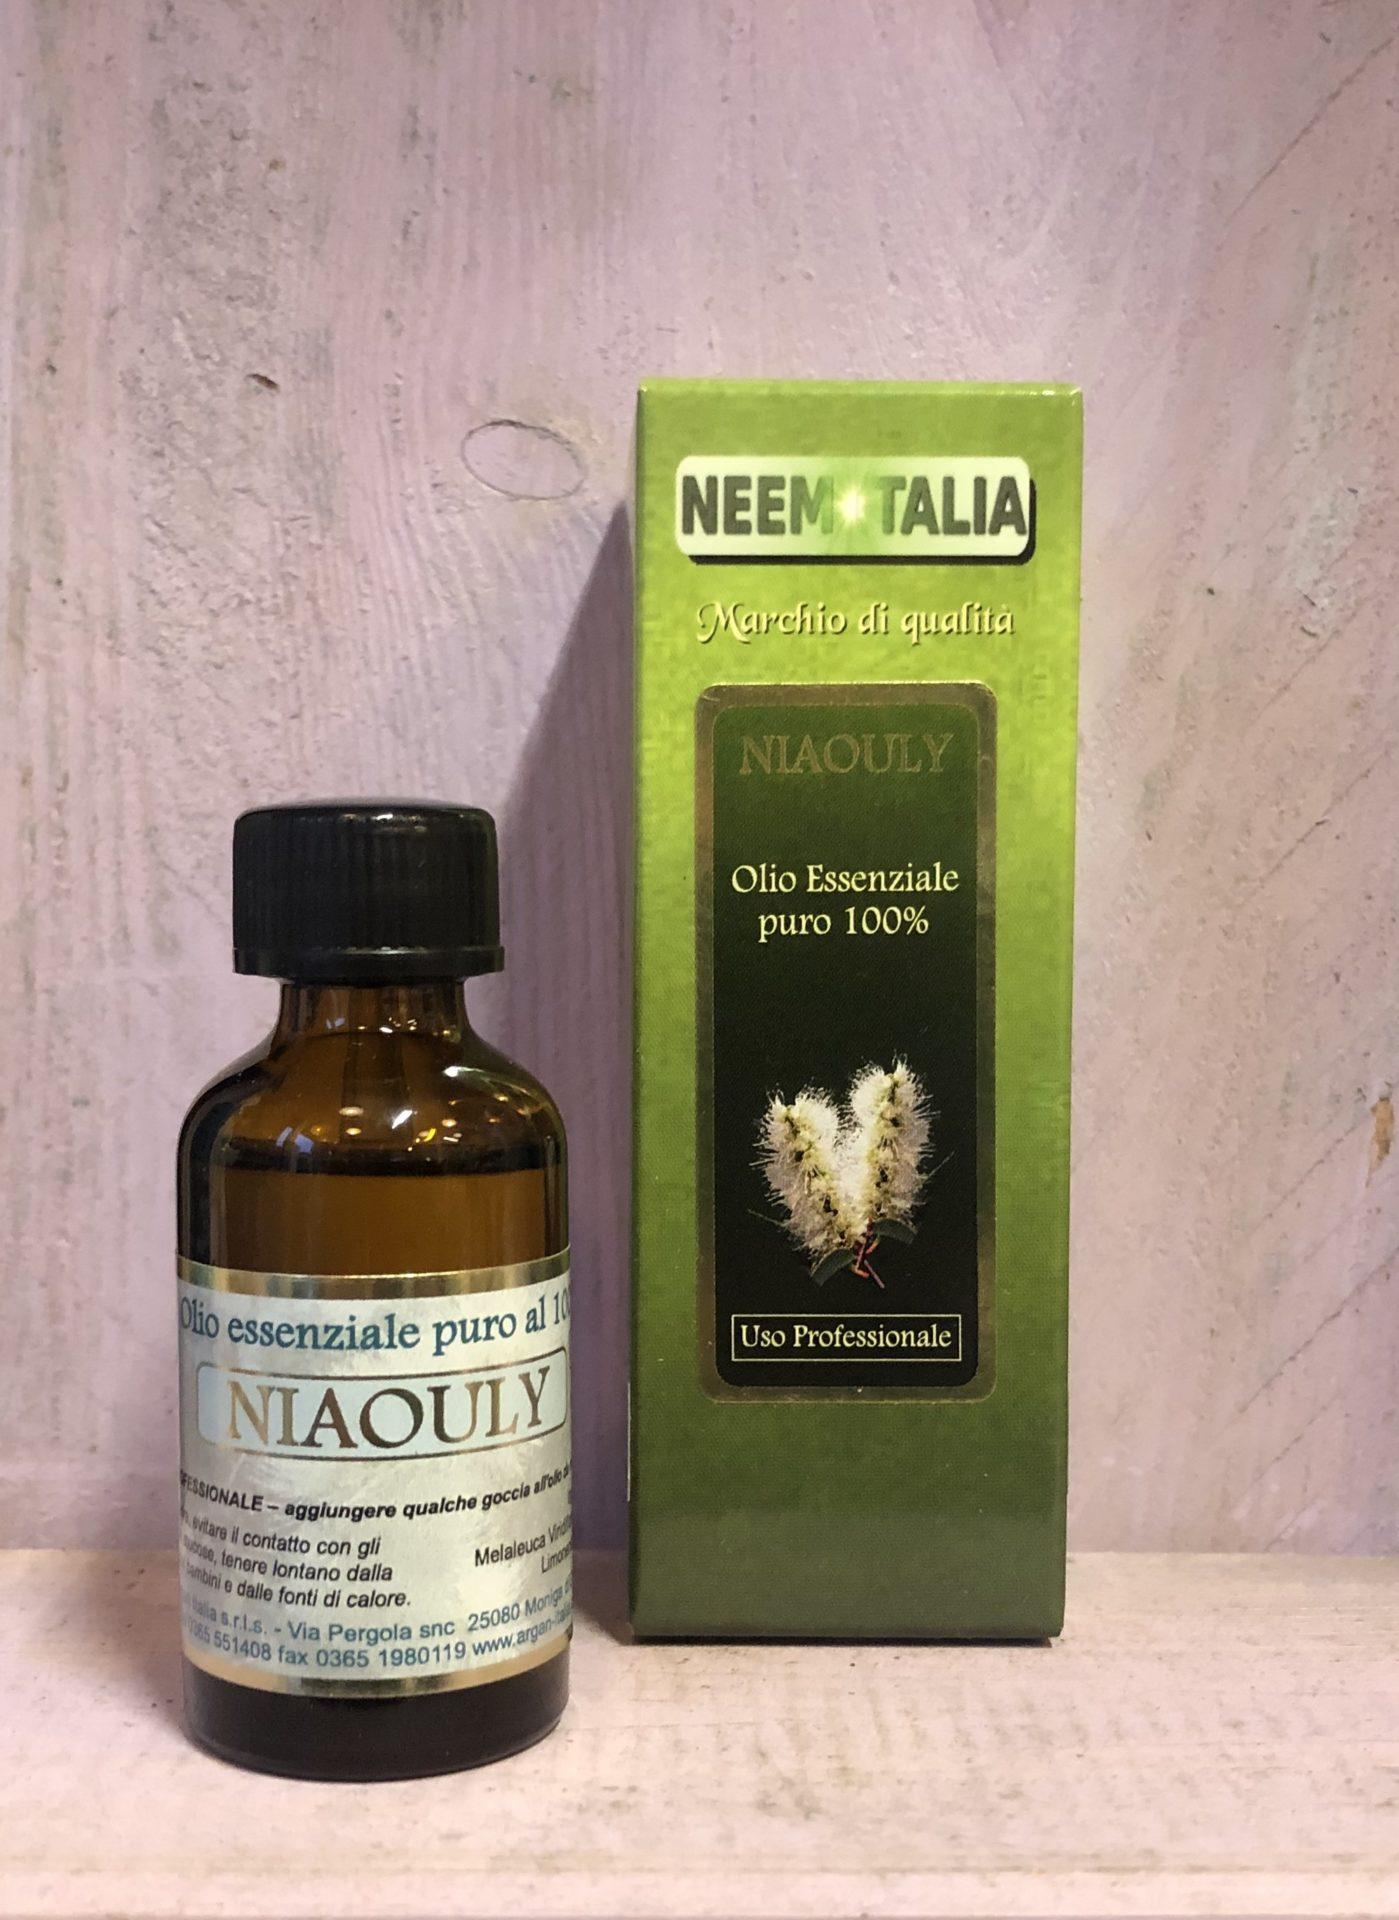 olio essenziale niaouly